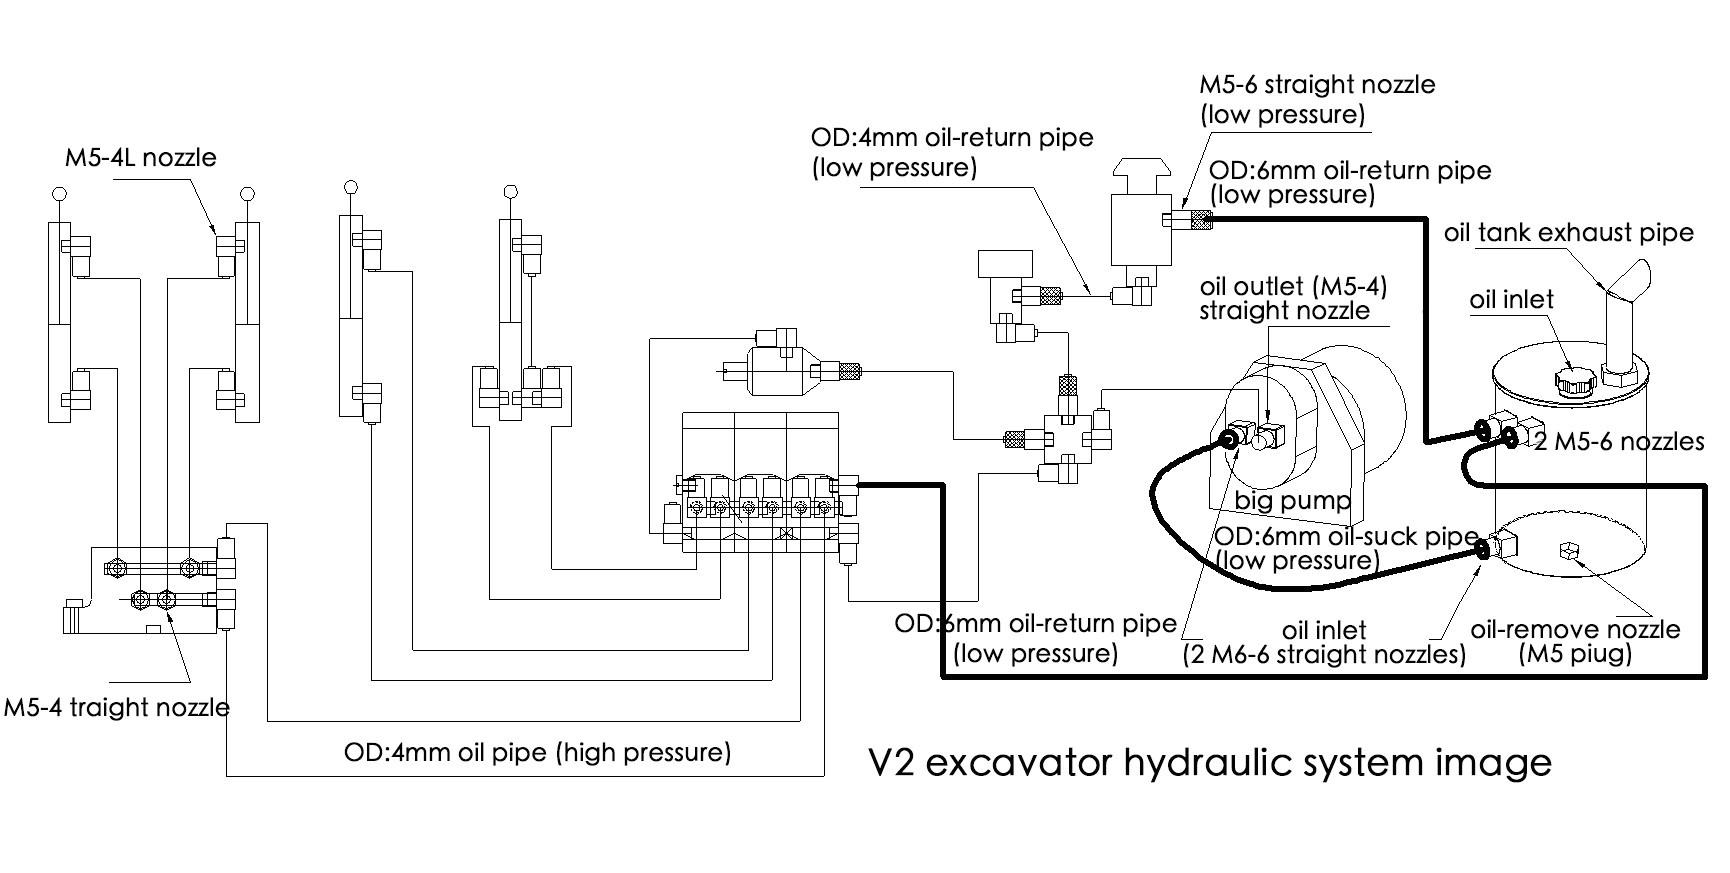 12volt com wiring diagrams new 12v hydraulic pump diagram download stock of or unique 12 volt